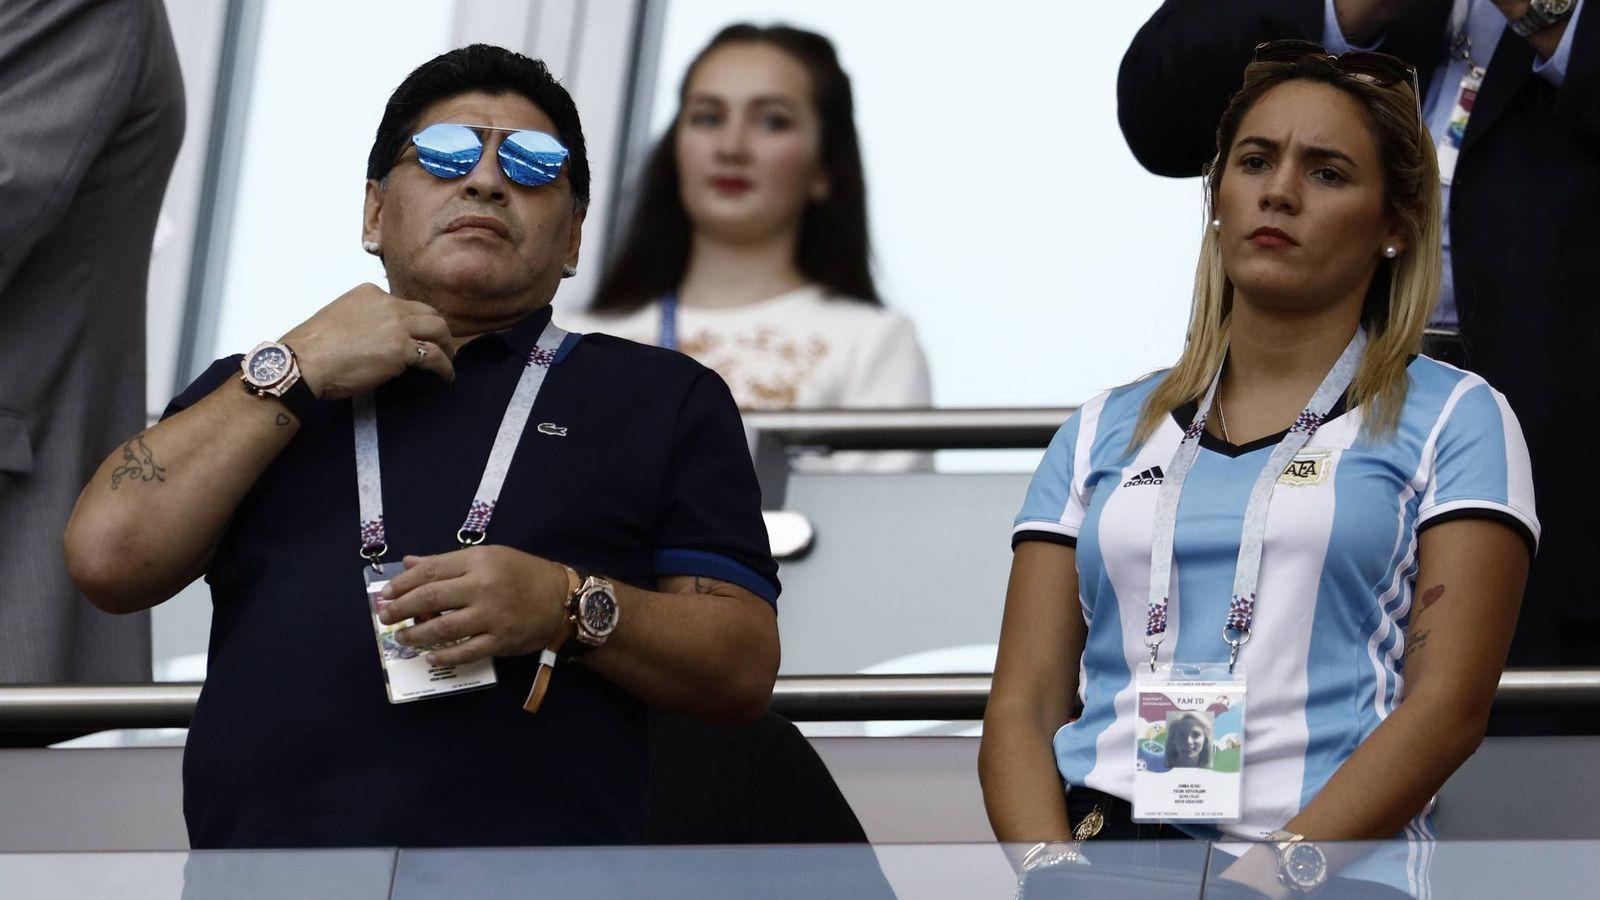 Foto: Diego y Rocío, durante el Mundial de Rusia. (Cordon Press)